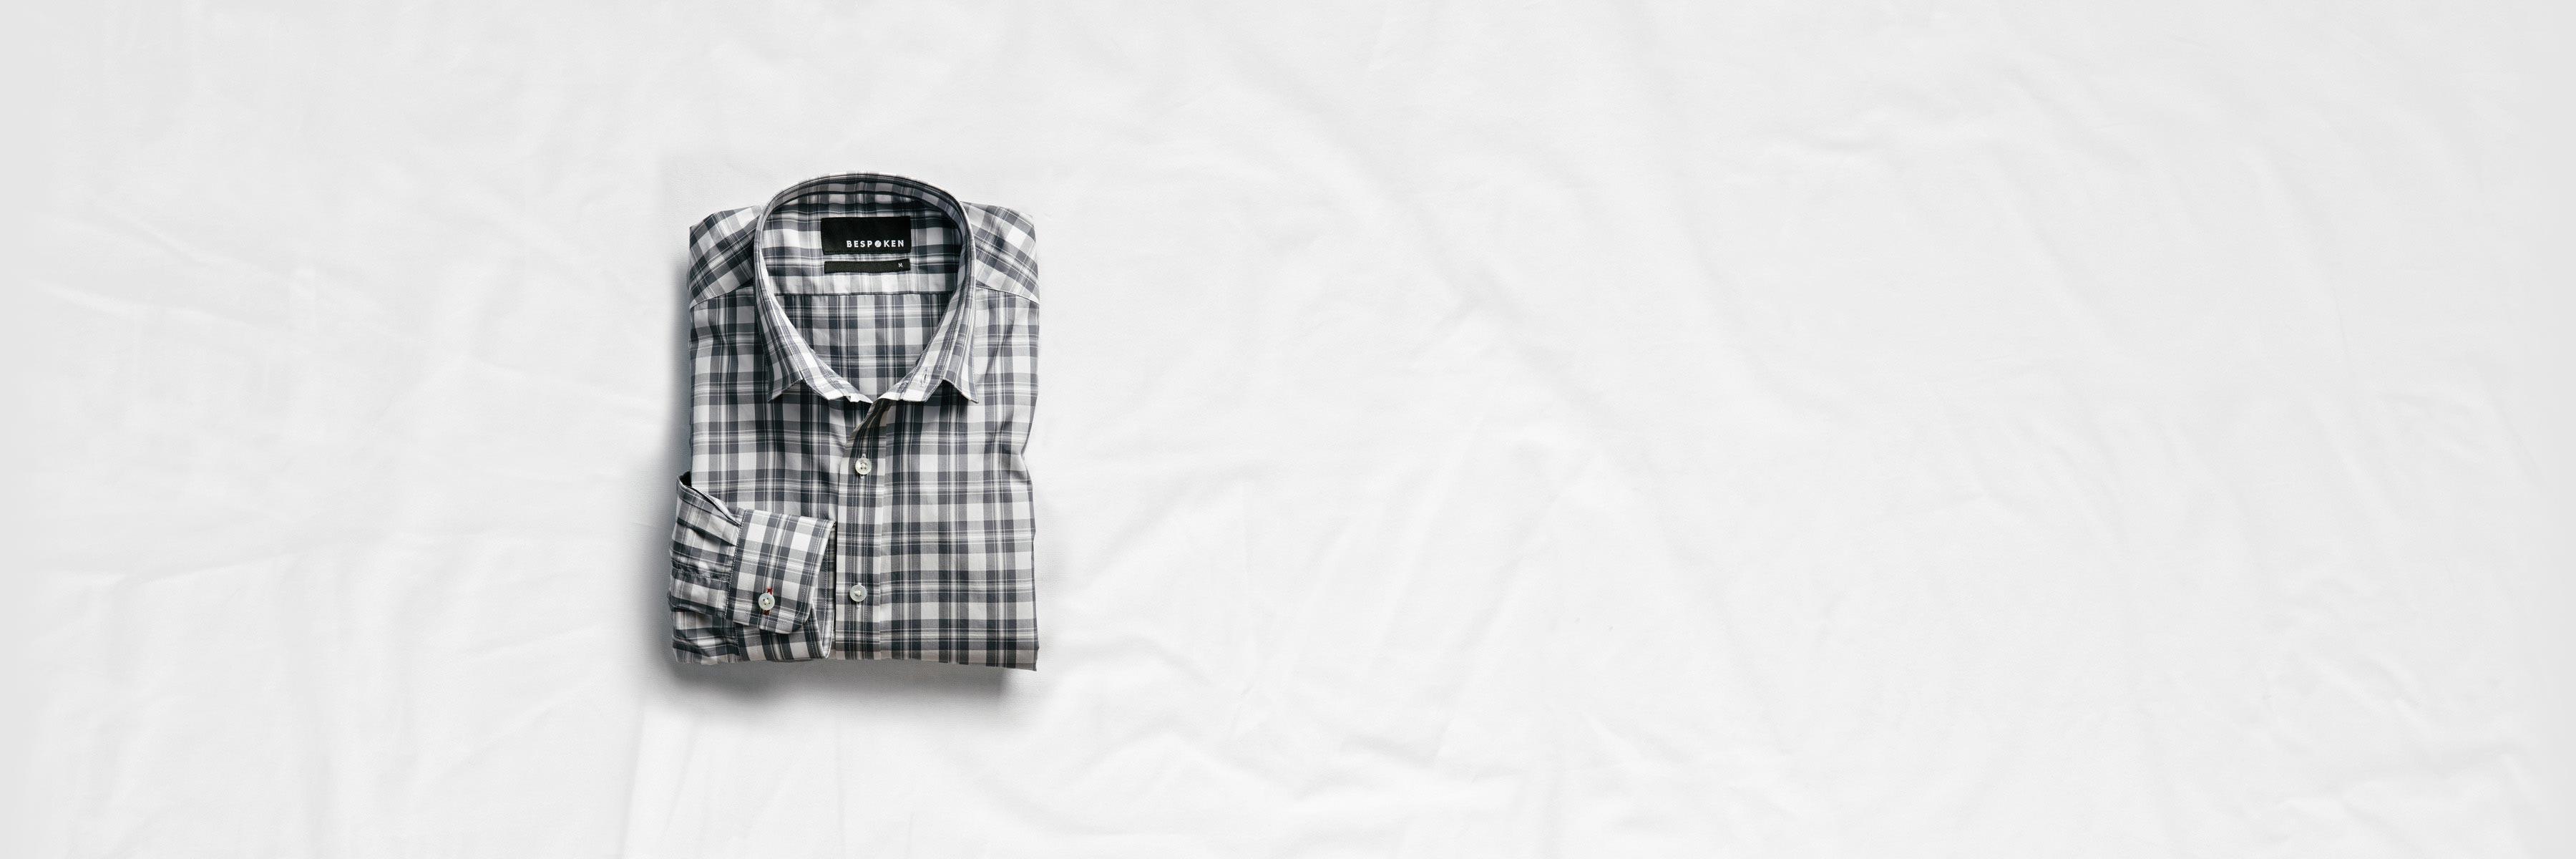 bespoken-shirt-large